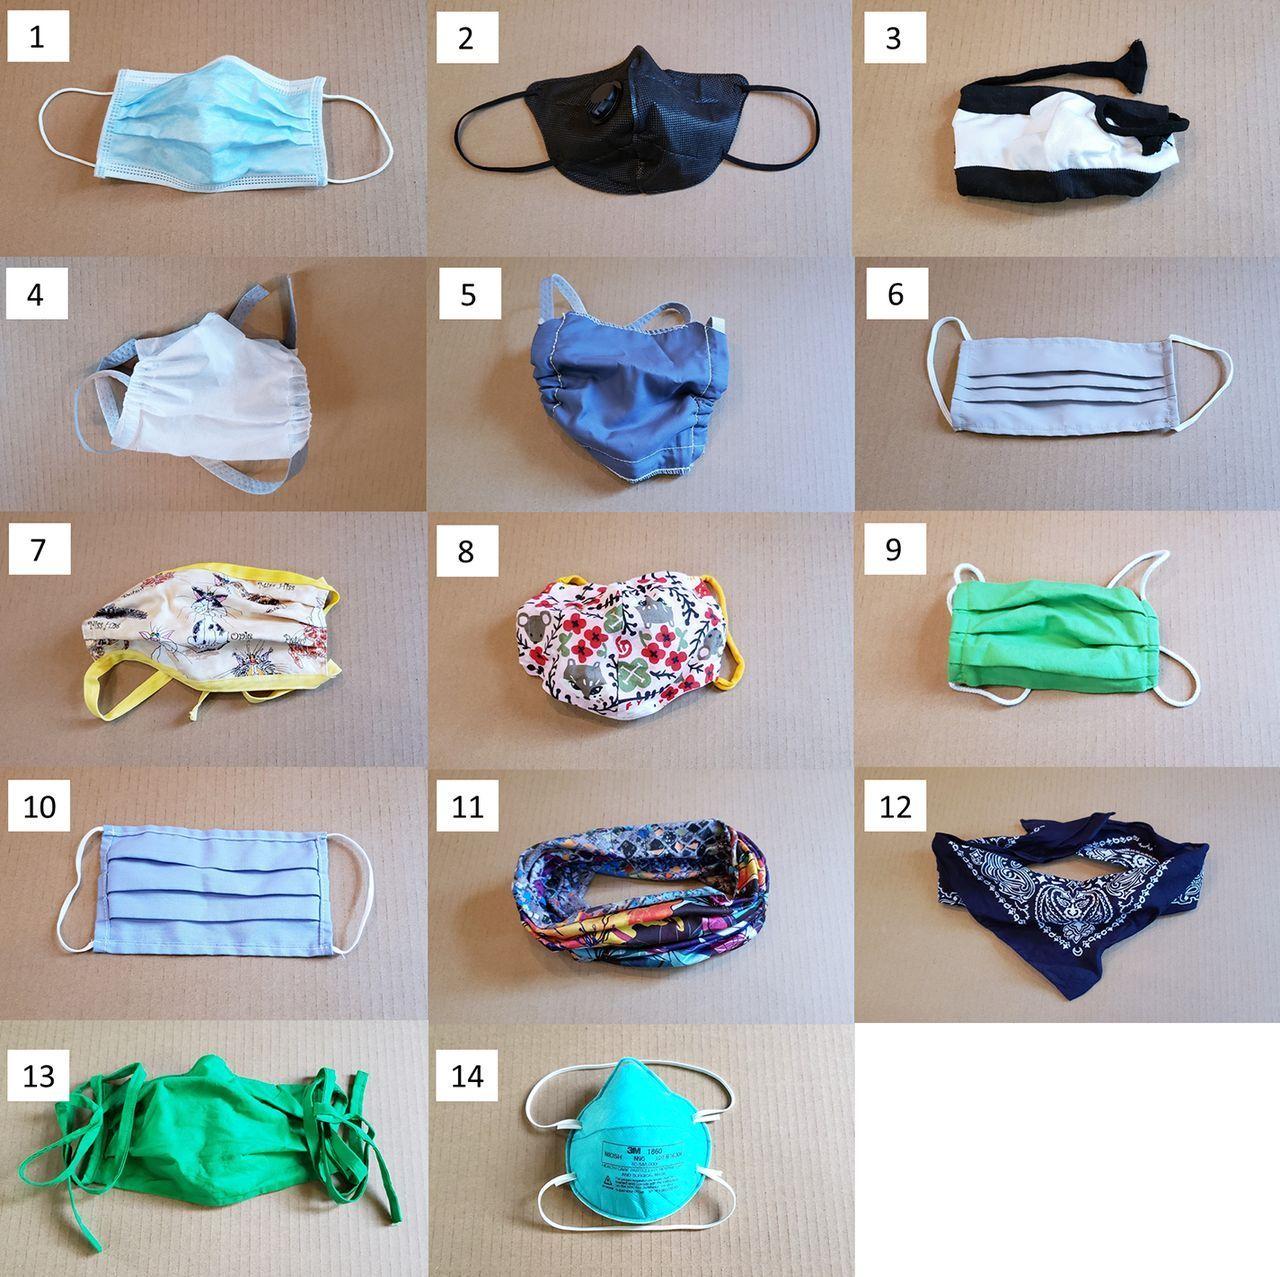 Os pesquisadores ranquearam 14 tipos diferentes de máscaras ou coberturas faciais